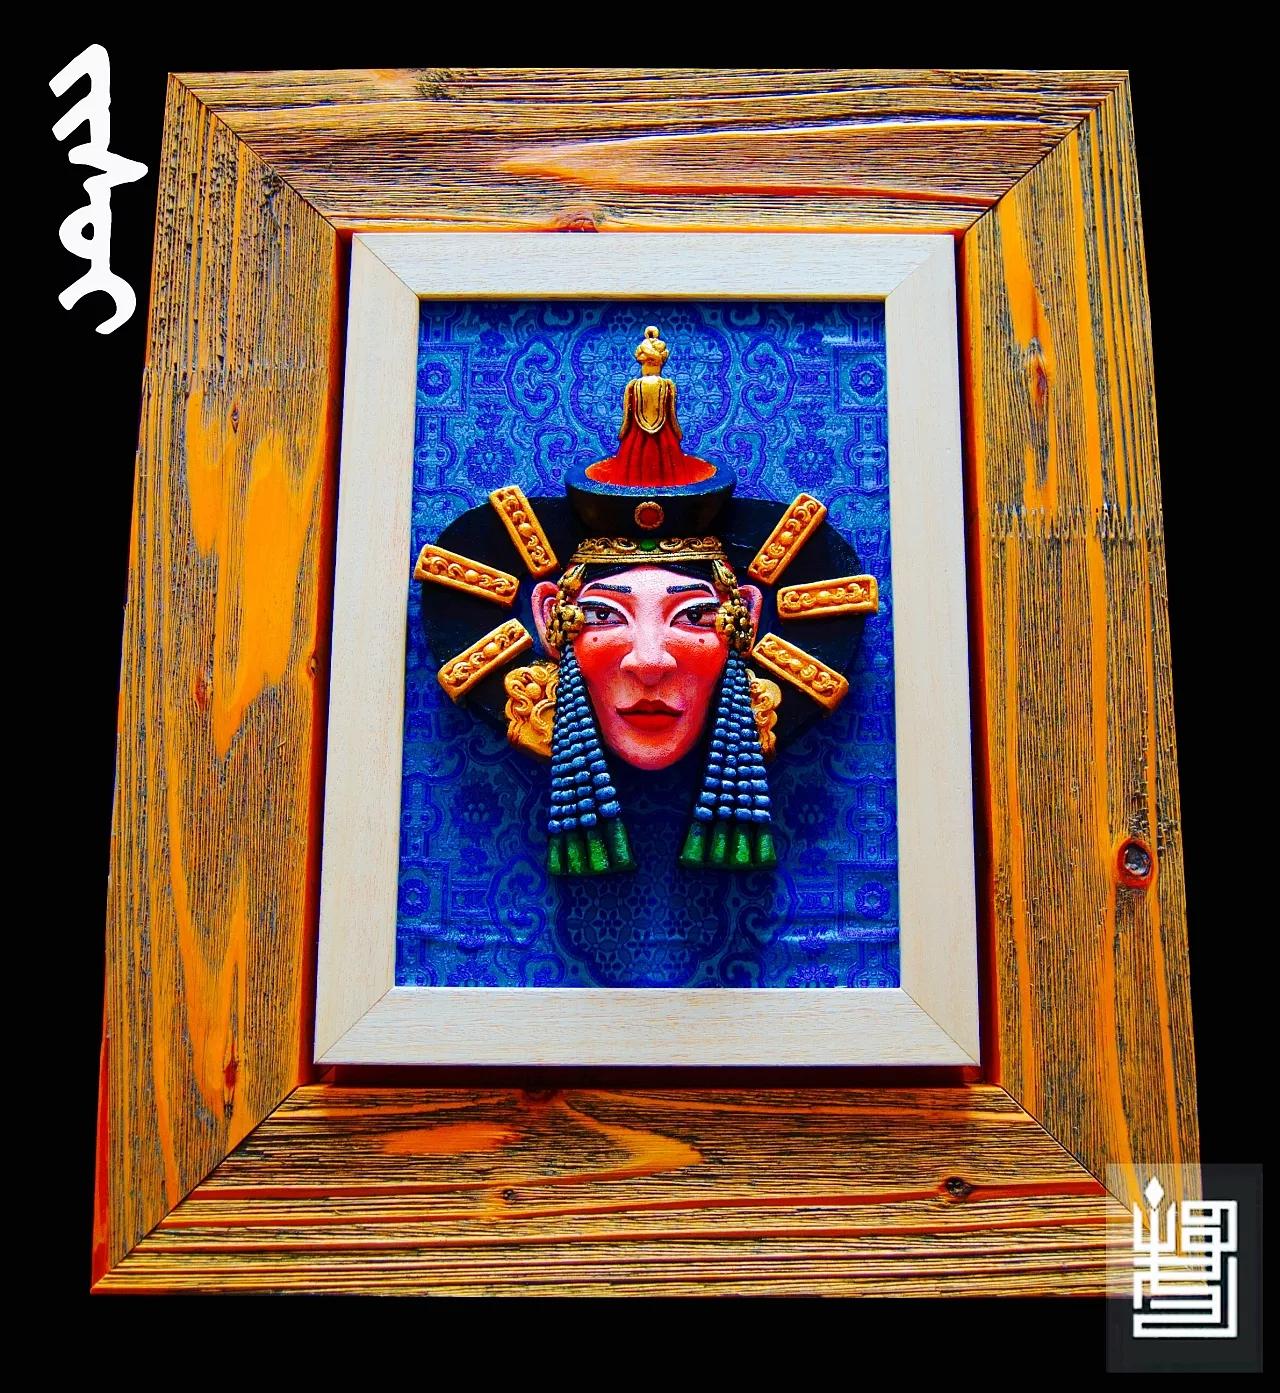 蒙古人物头像工艺装饰品 第3张